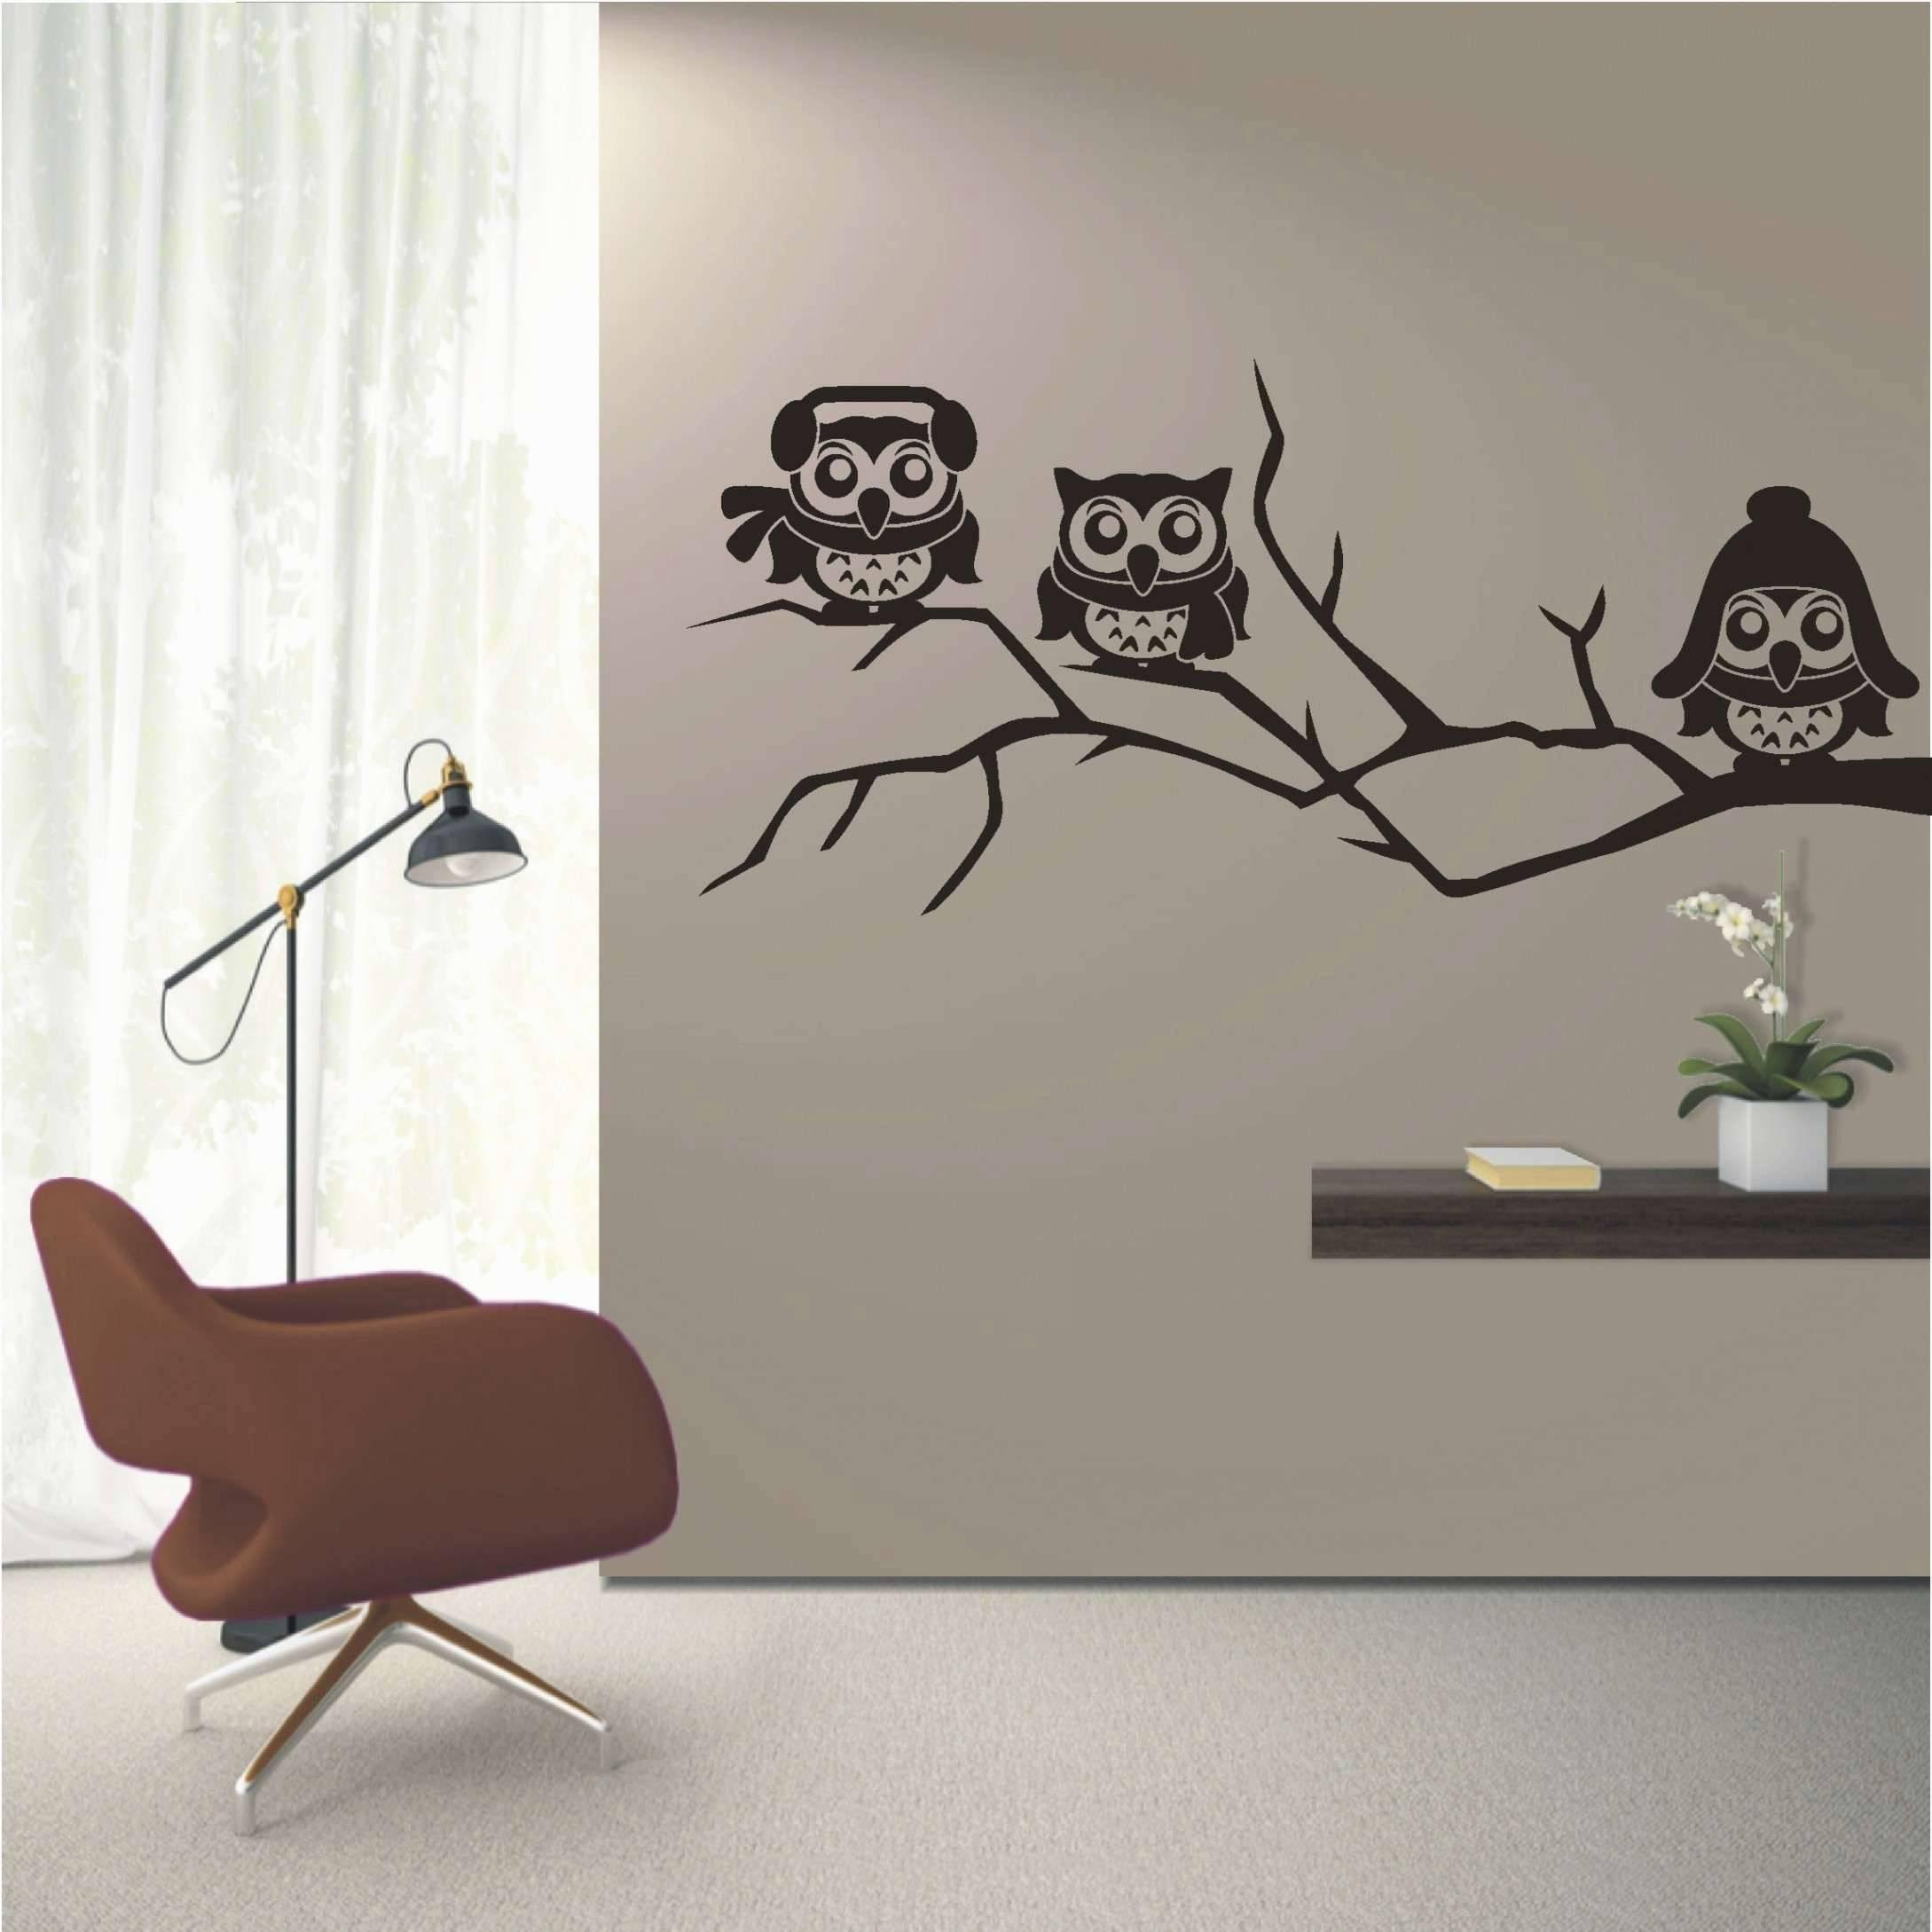 wohnzimmer deko kerzenhalter luxury 43 elegant deko sticker wand of wohnzimmer deko kerzenhalter